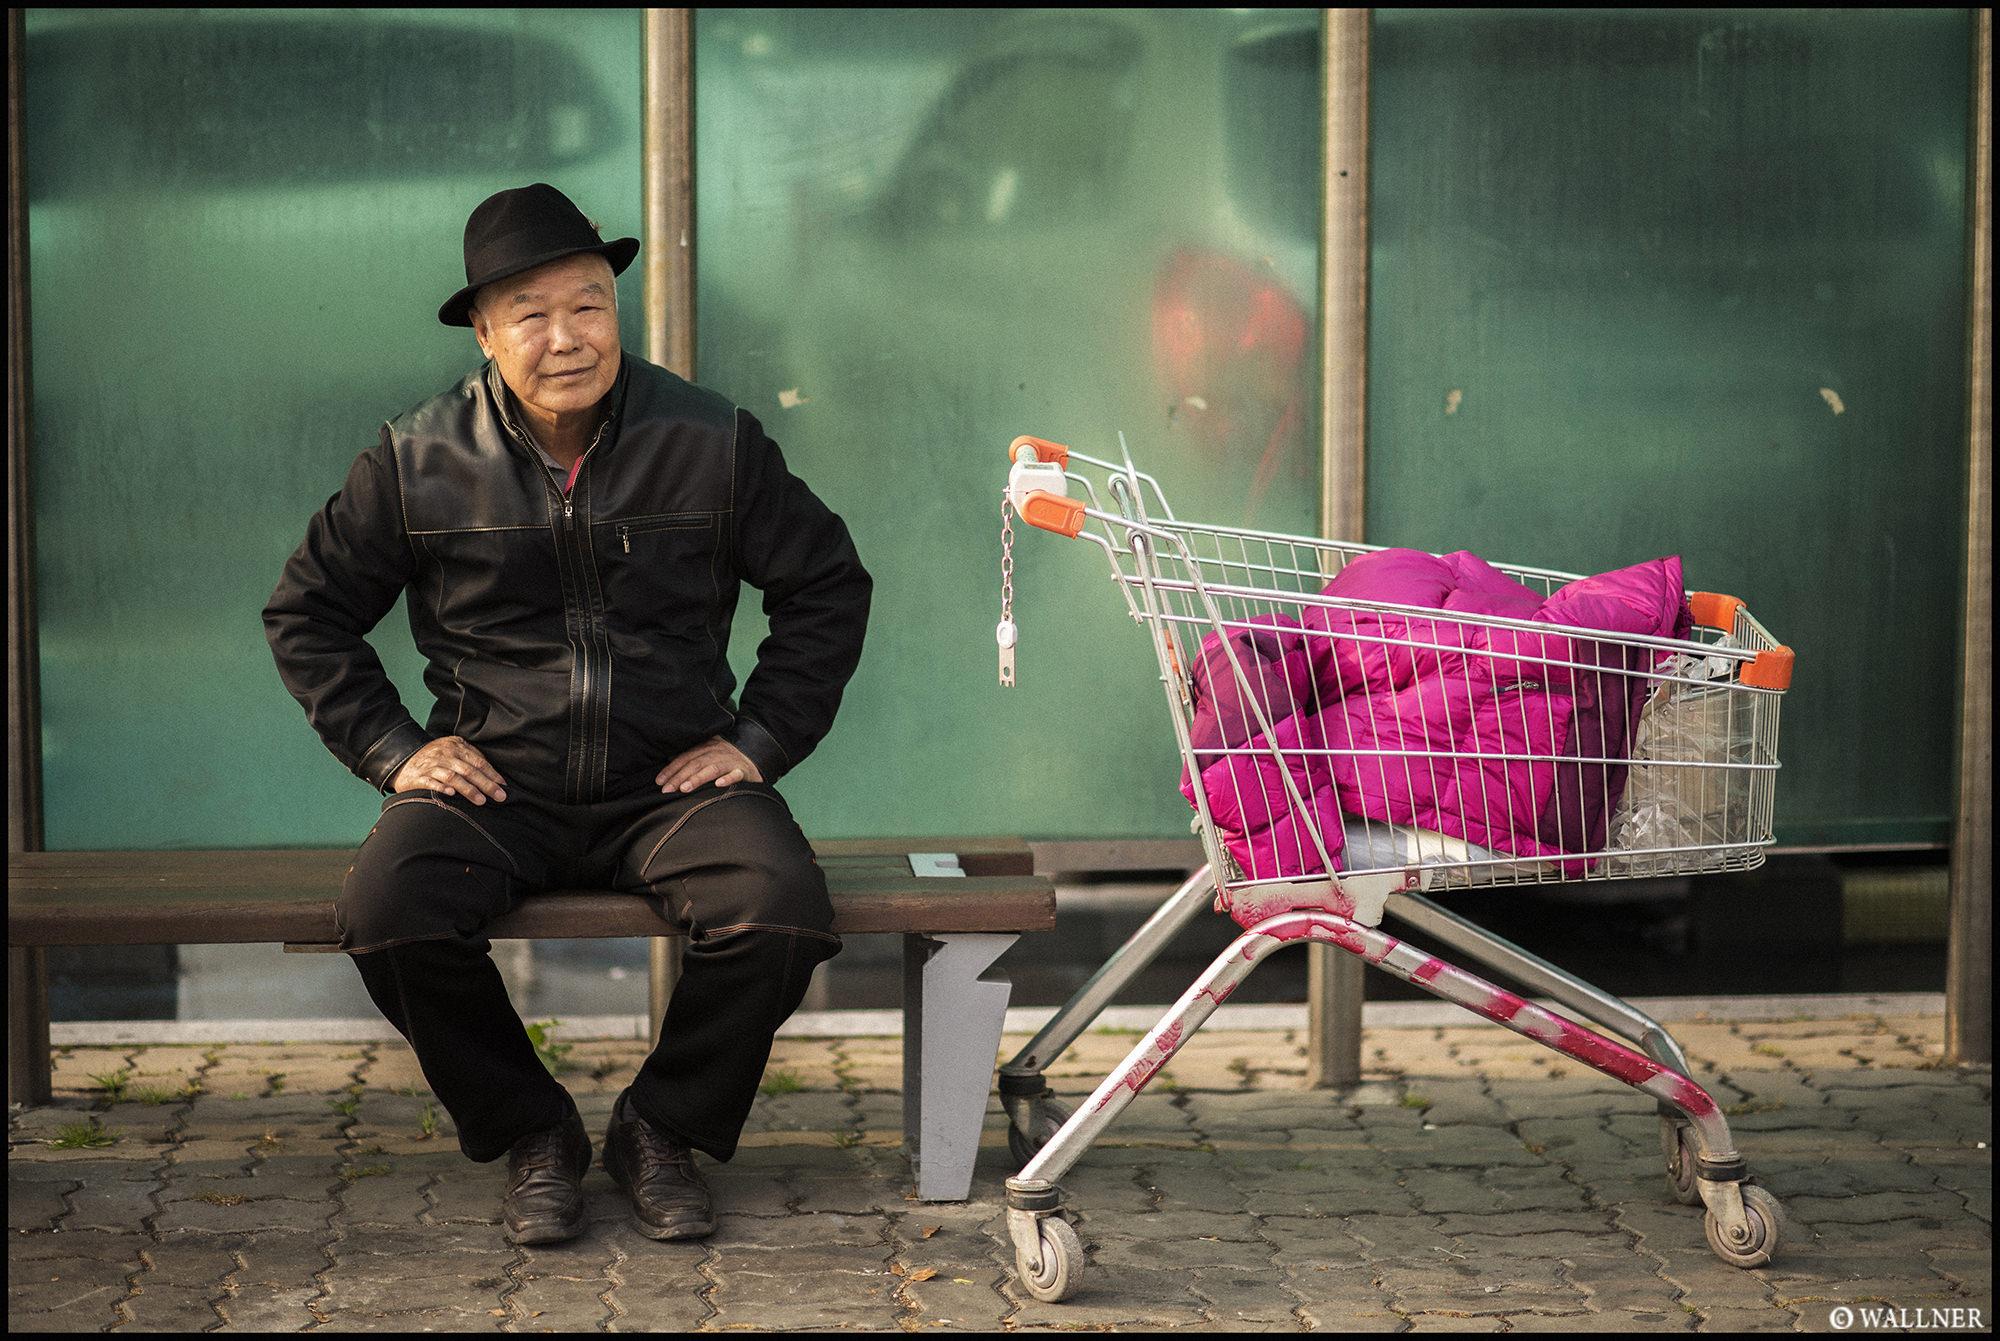 Digital Patrik Wallner Seoul Pink Jacket LOWQ 2000P w WM